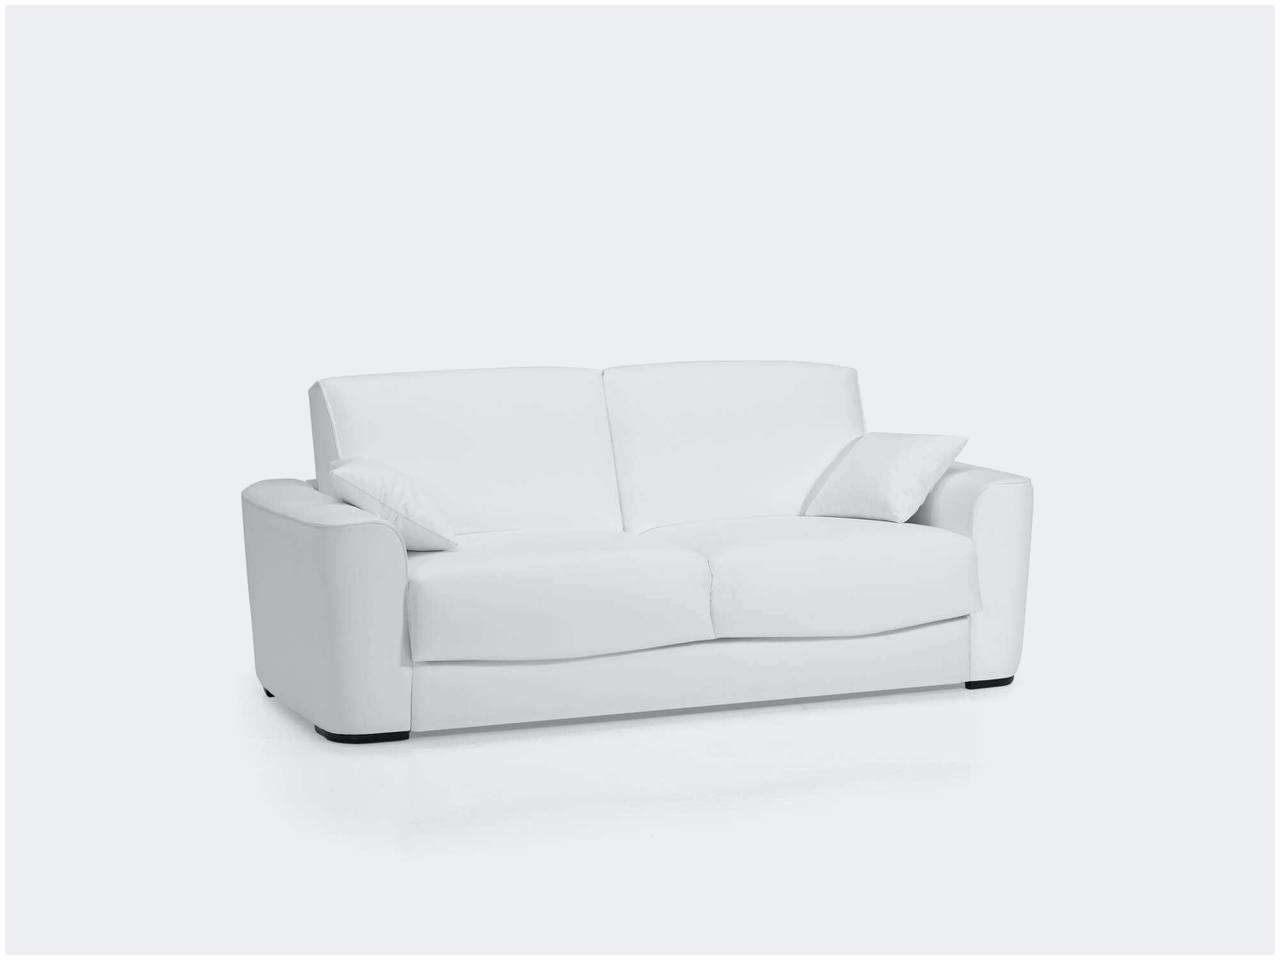 Couvre Lit Matelassé Ikea Charmant Luxe 45 De Luxes Canapé D Angle Convertible Matelas Pour Excellent